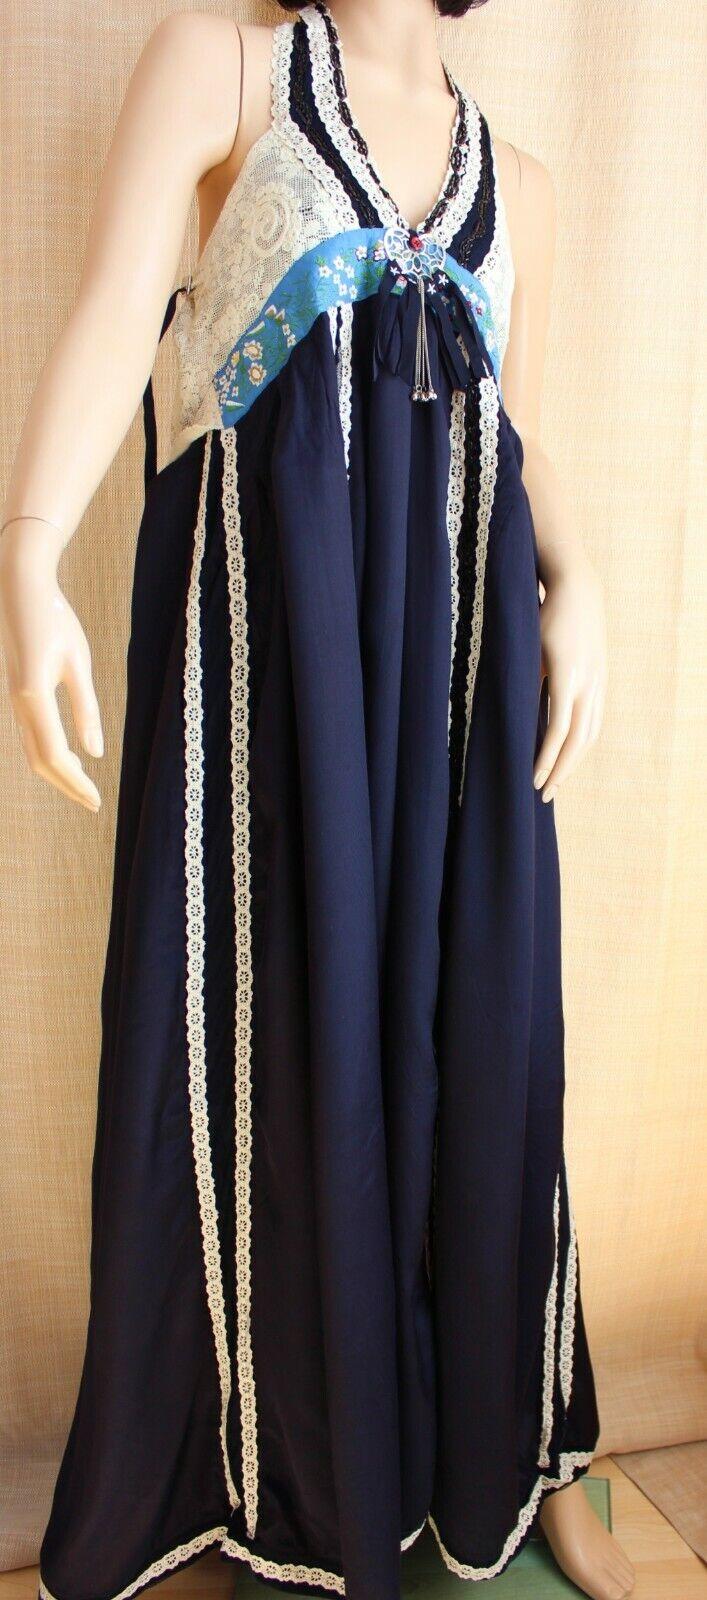 HIGH USE Sommer Kleid Affinity Gr. 32 34 36 Ausgefallen Luxus